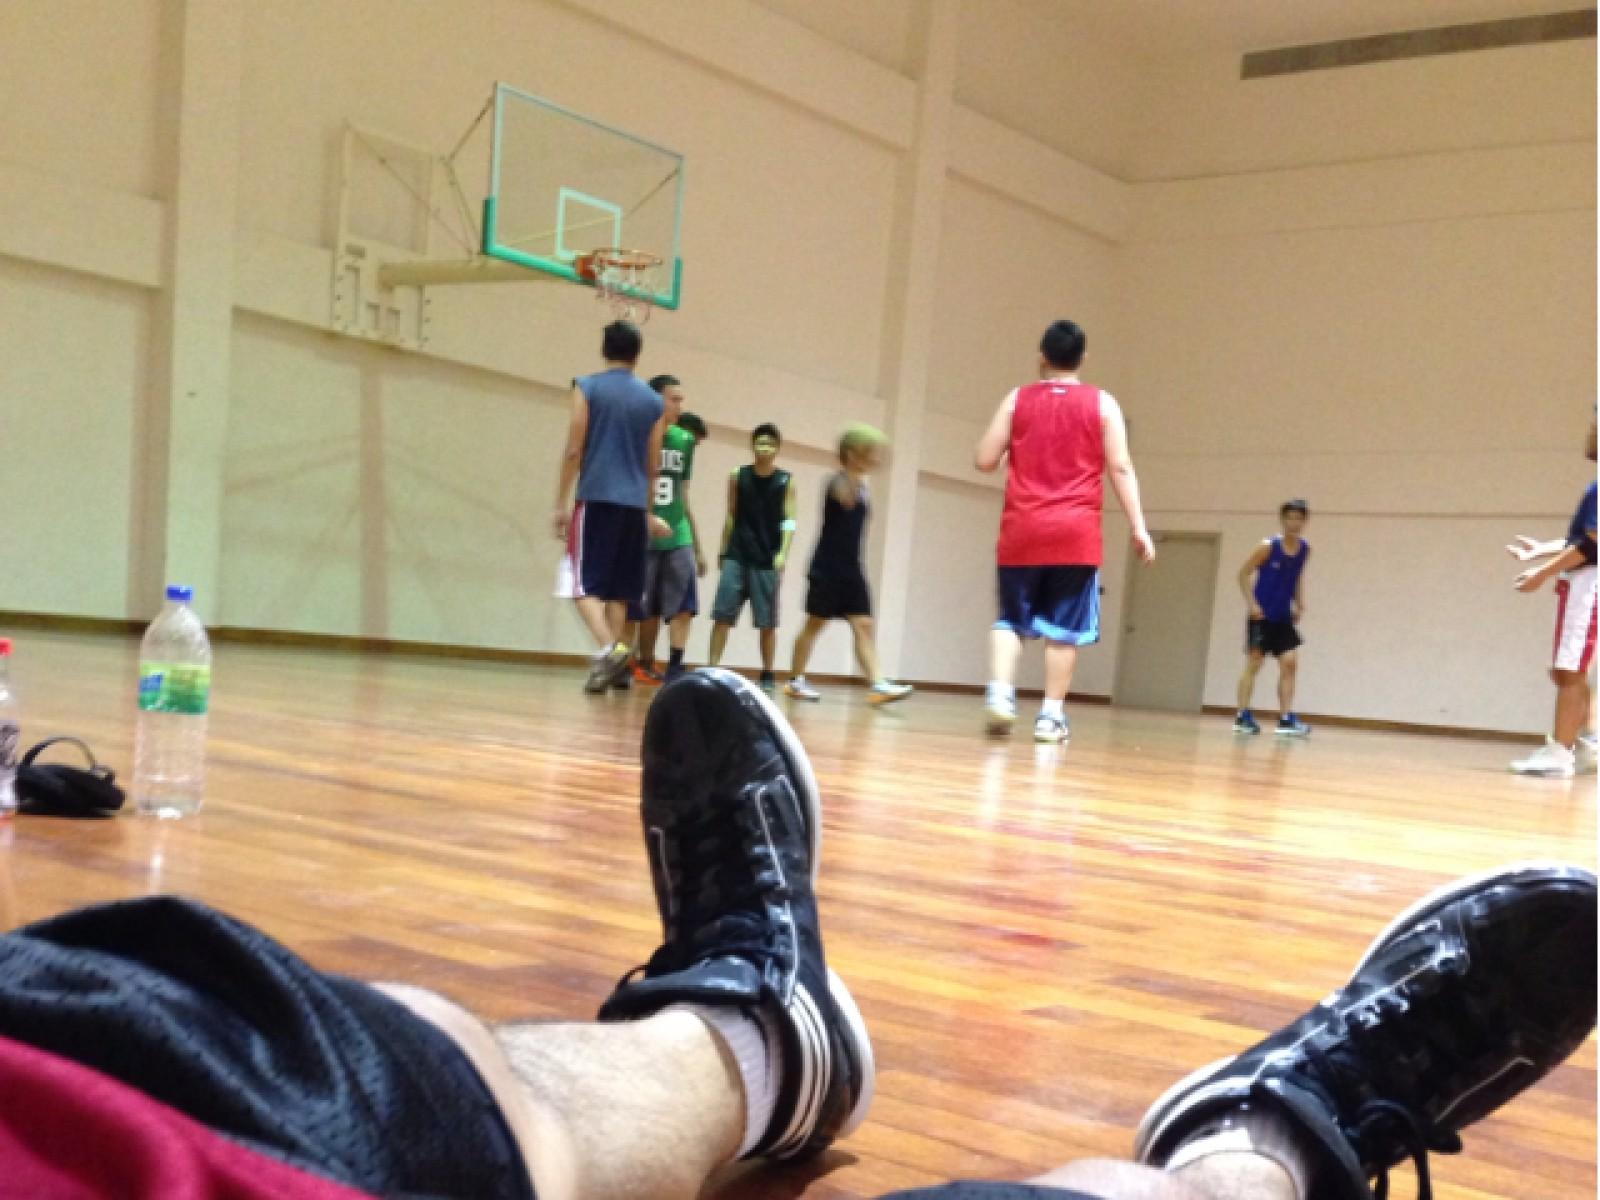 Kuala Lumpur Basketball Court Mk10 Courts Of The World